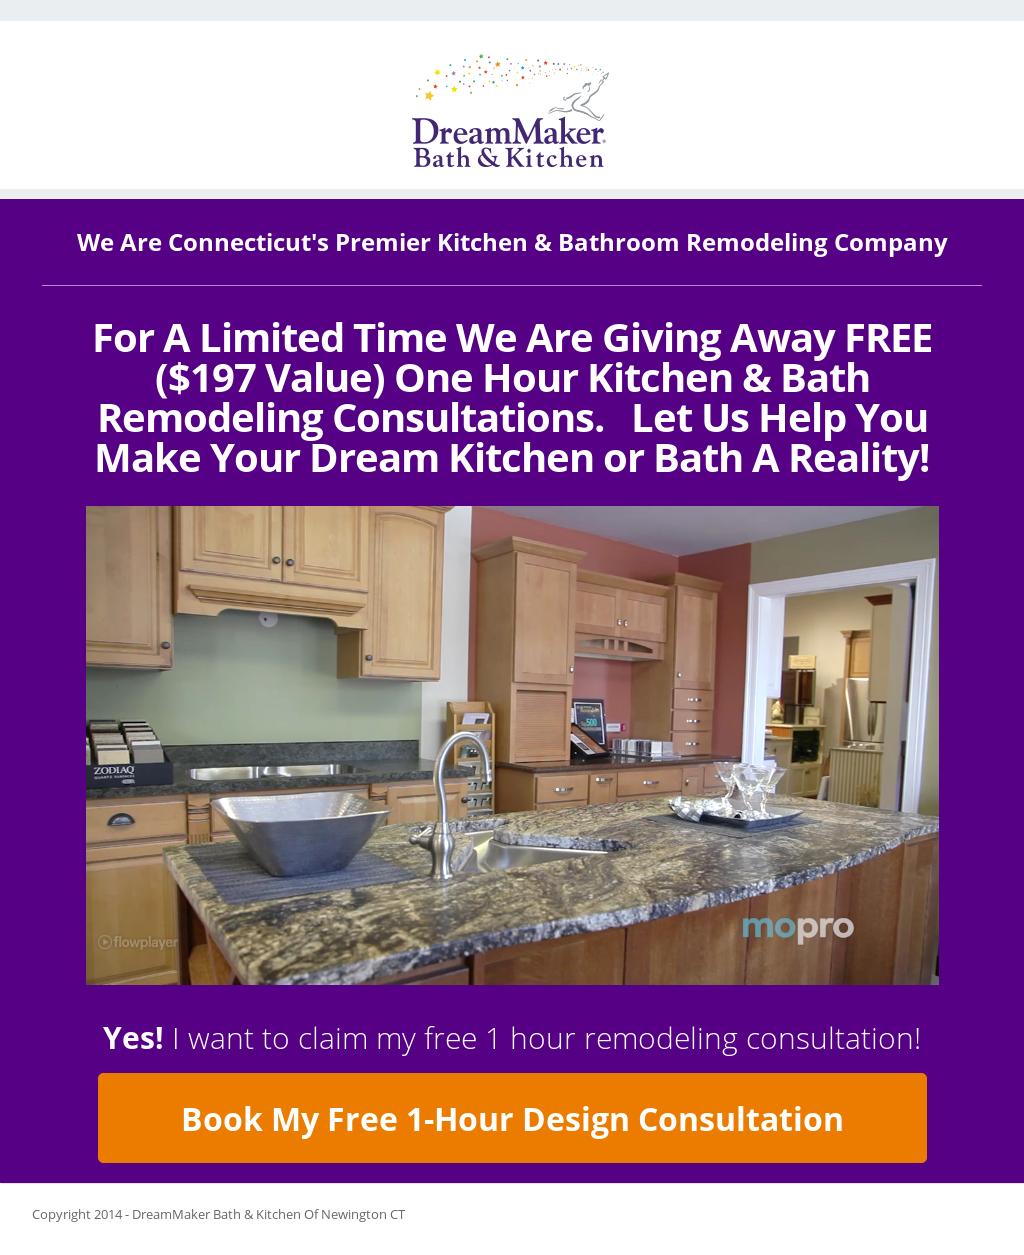 Dreammaker Bath And Kitchen on tigger bath, maax bath, hot springs bath, freedom bath,